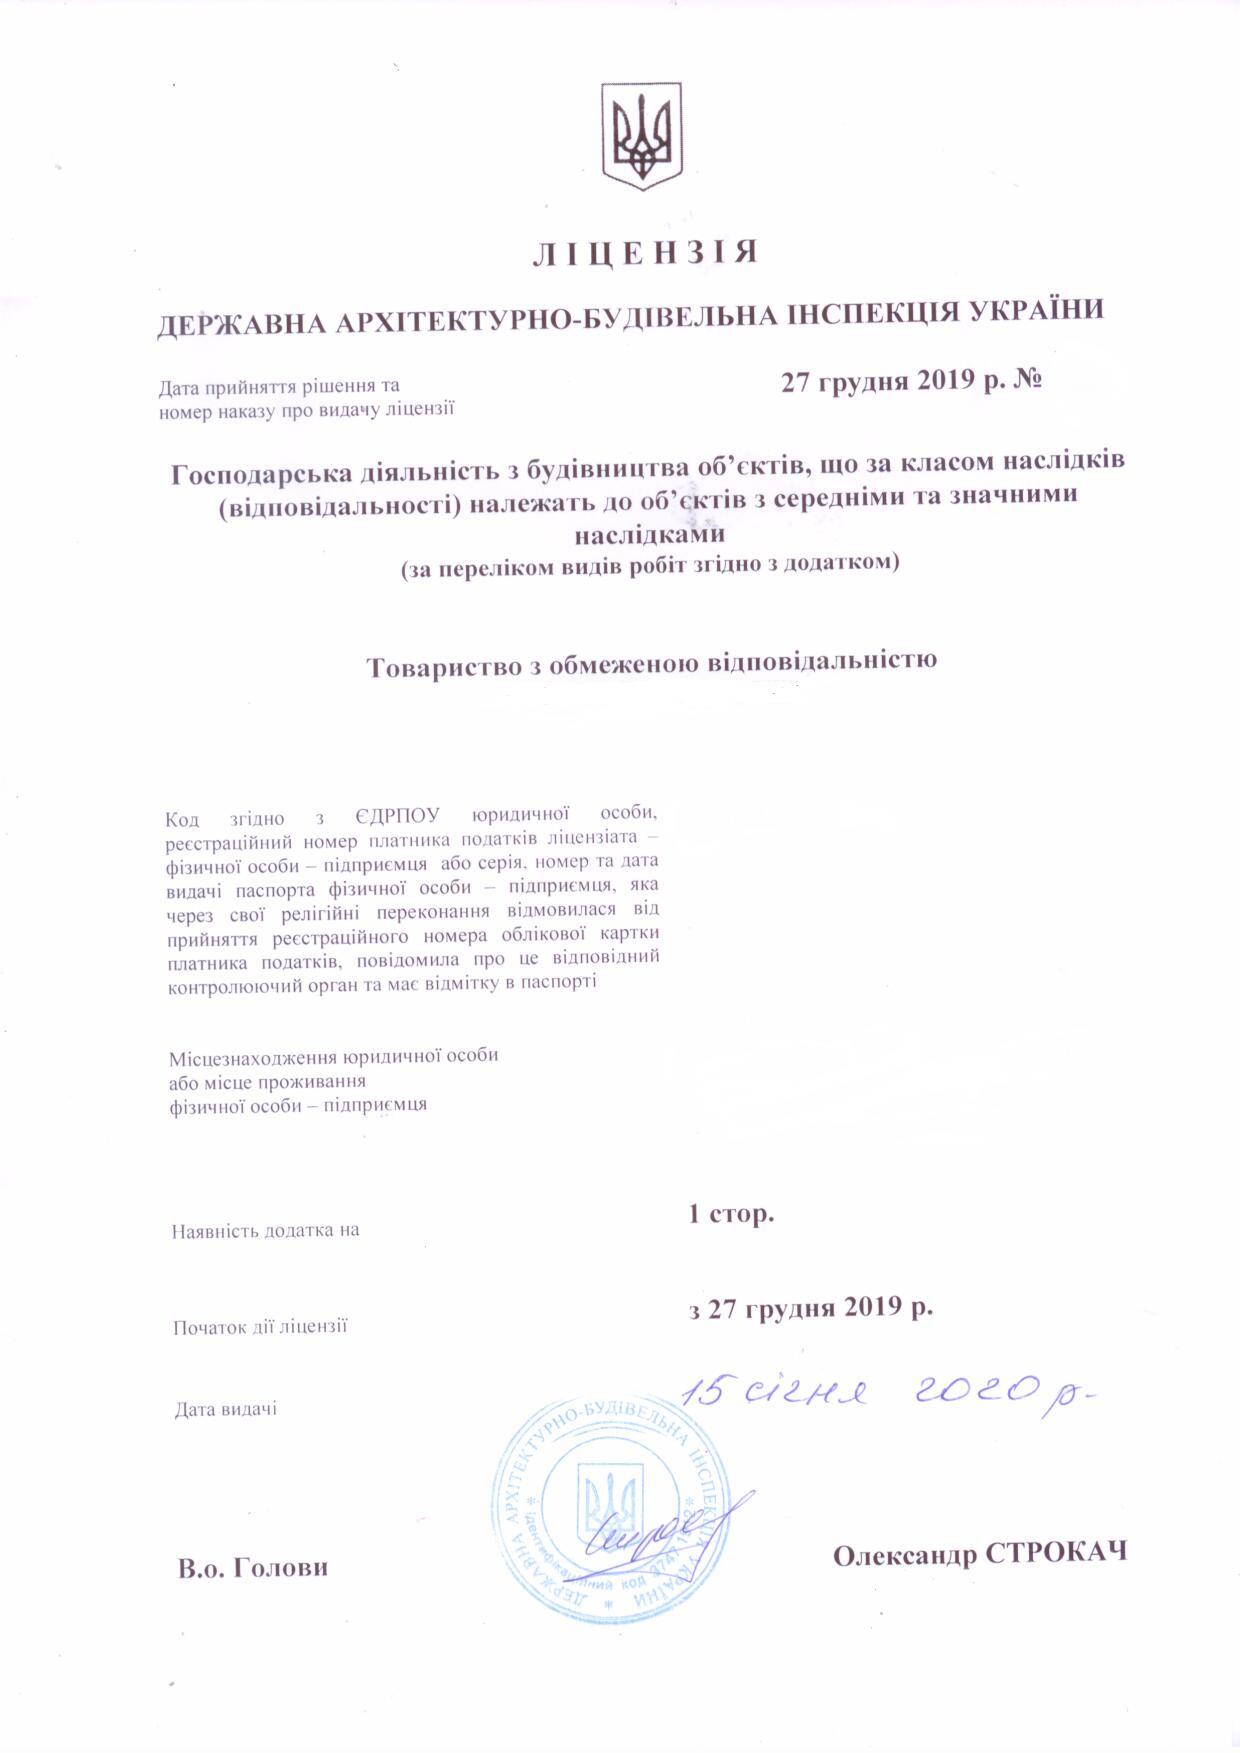 получение лицензии на строительные работы